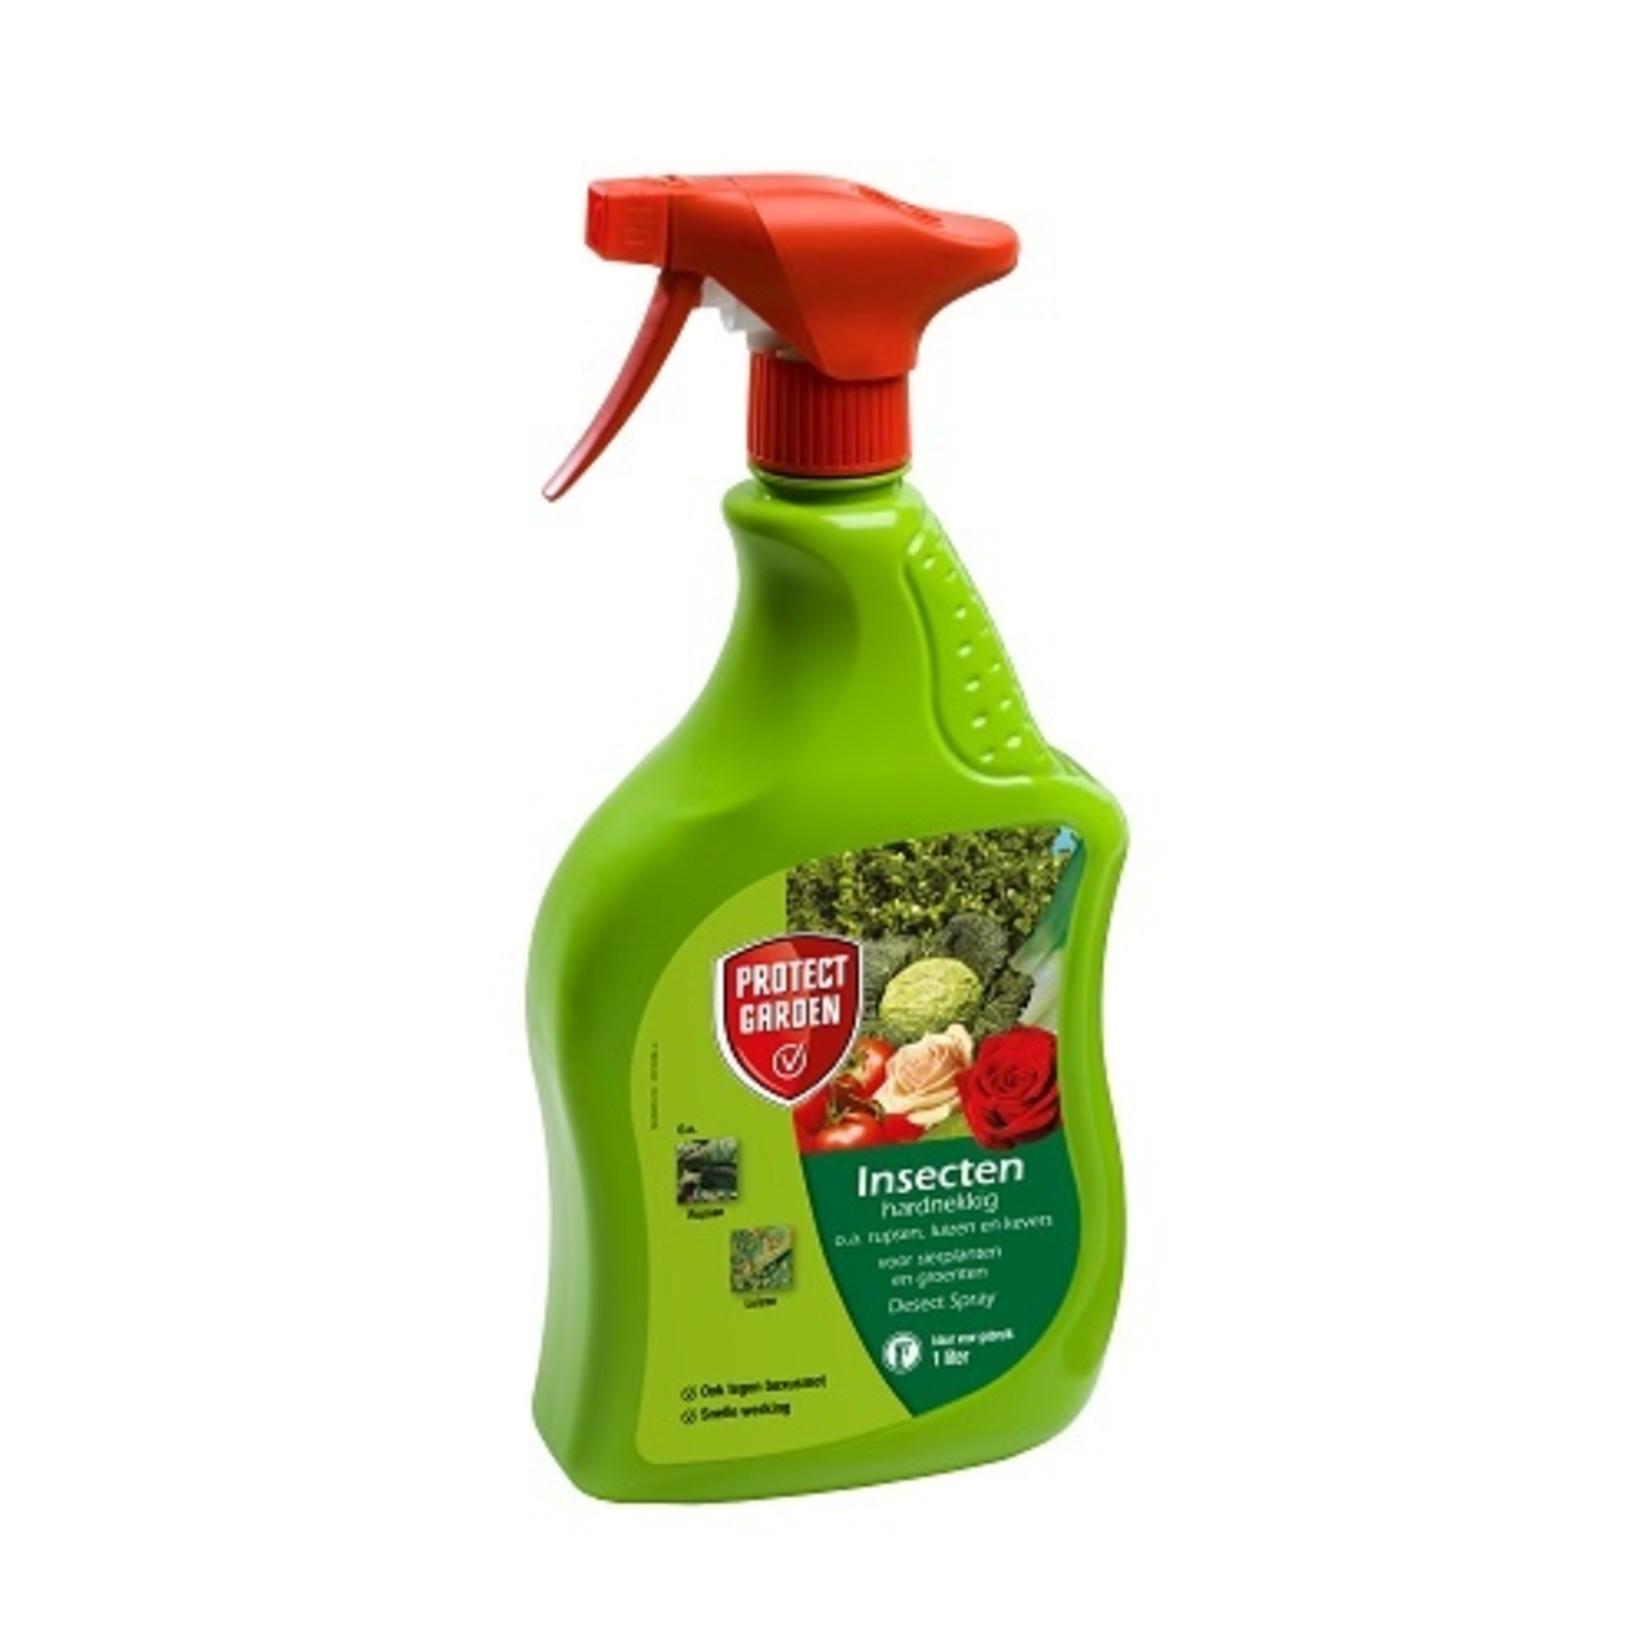 Protect Garden Desect Insectenbestrijding 1 liter Spray  (voorheen Decis)